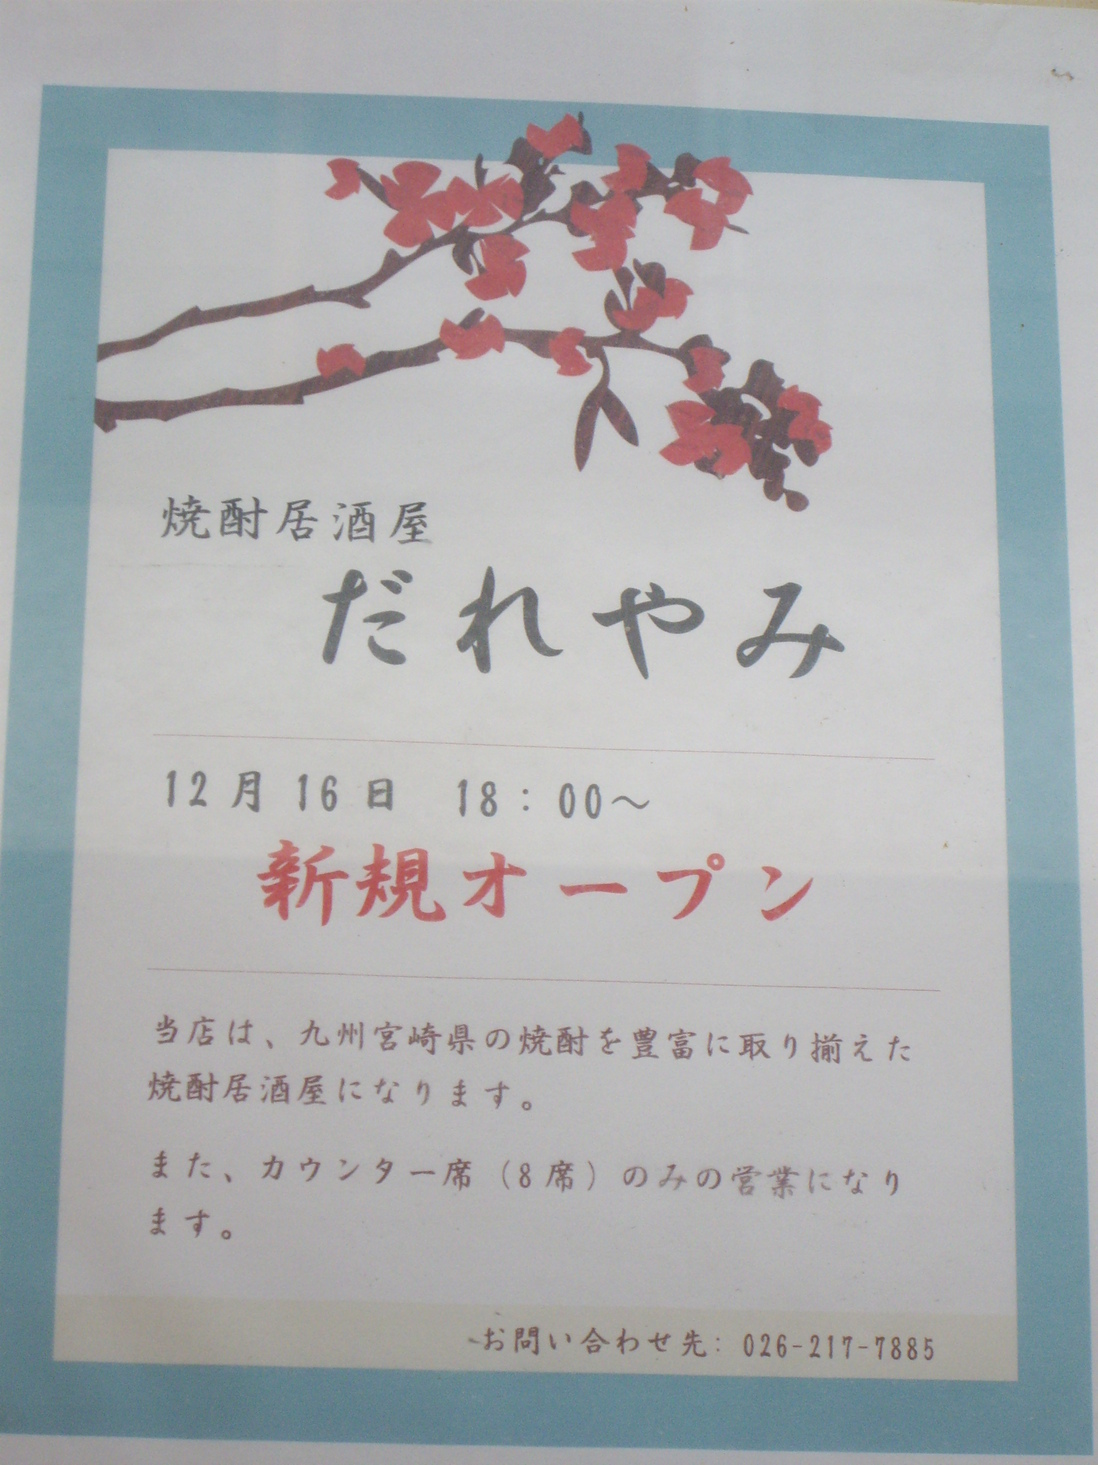 だれやみ name=